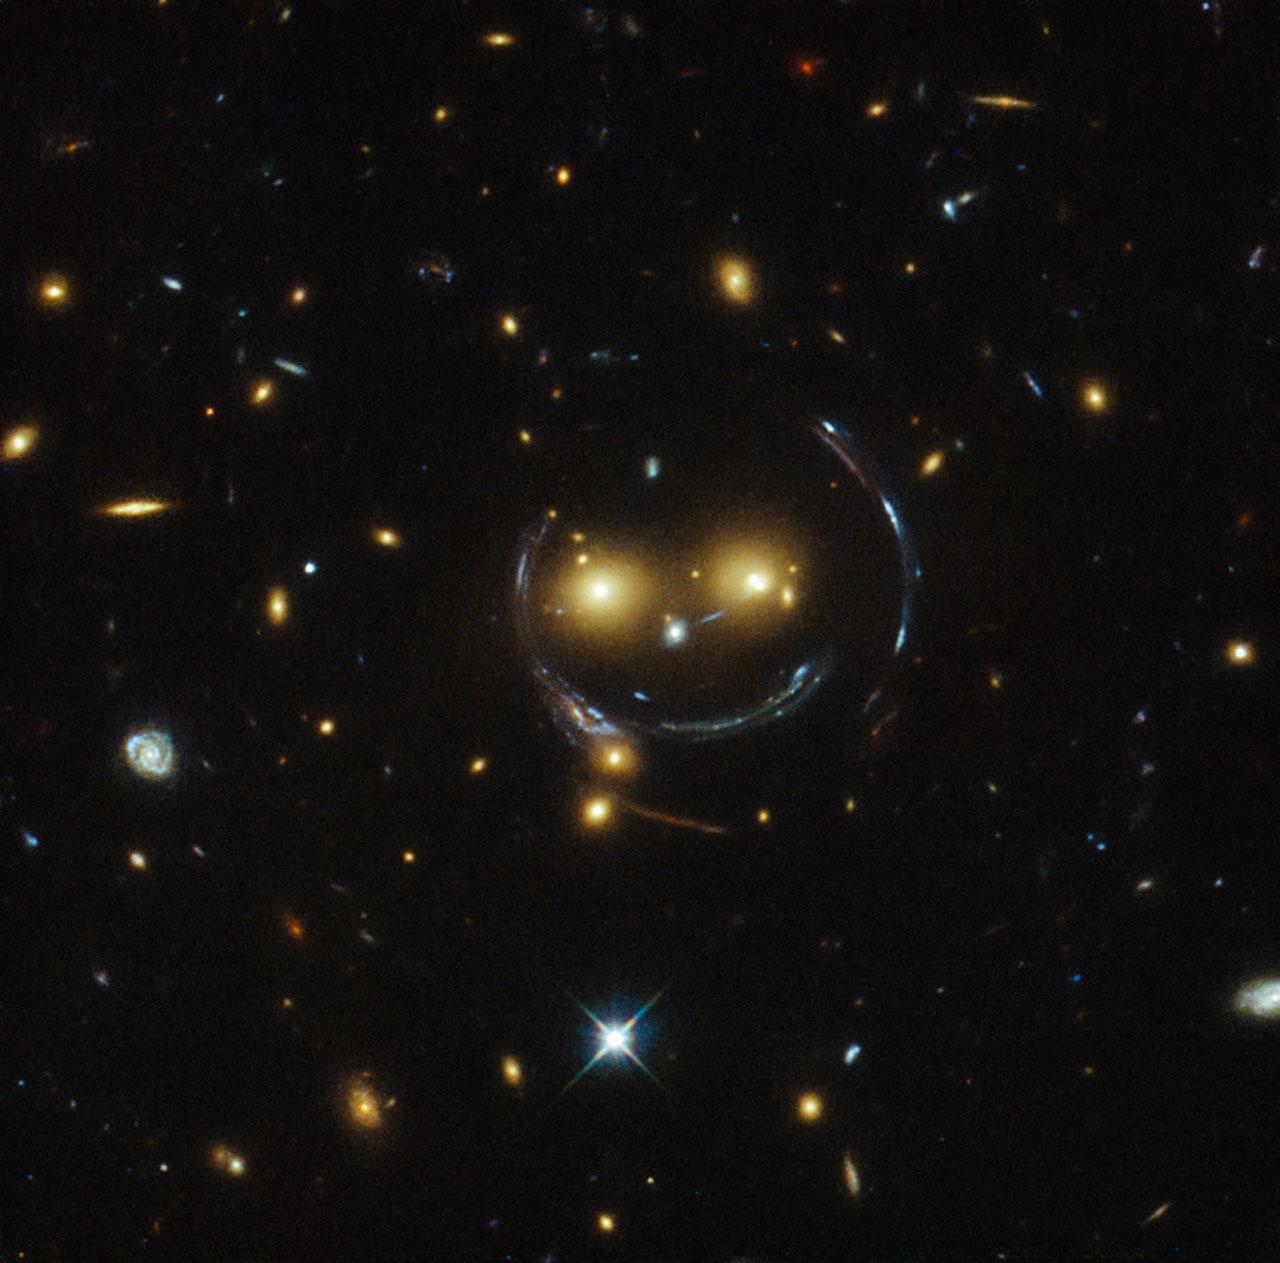 Photo Credit: NASA and ESA